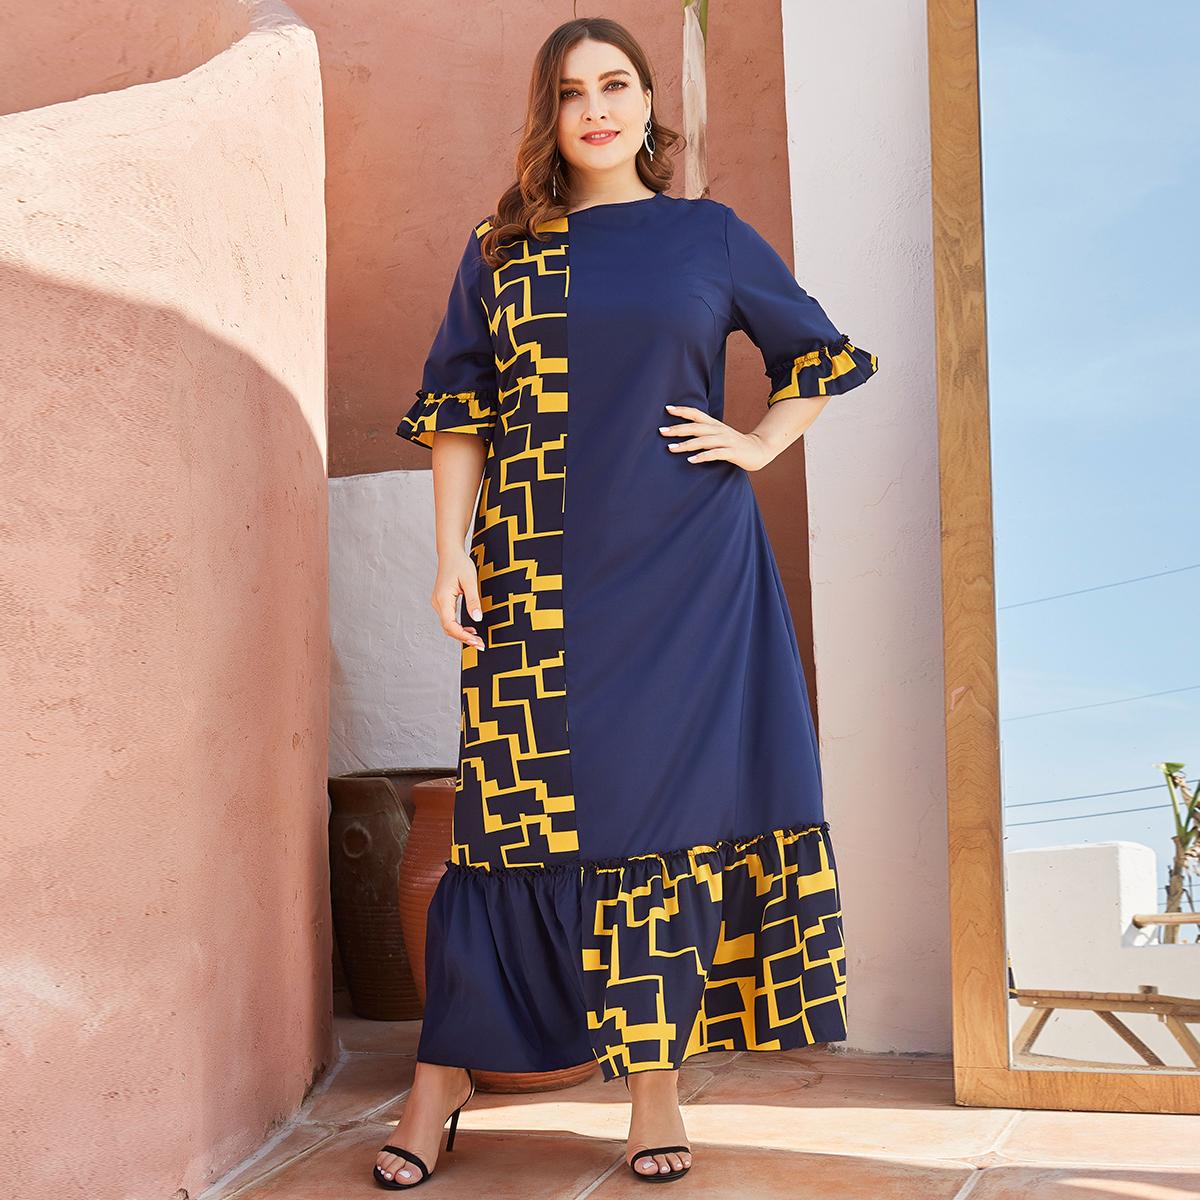 SHEIN / Große Größen - Kleid mit Geo Muster und Schößchenärmeln